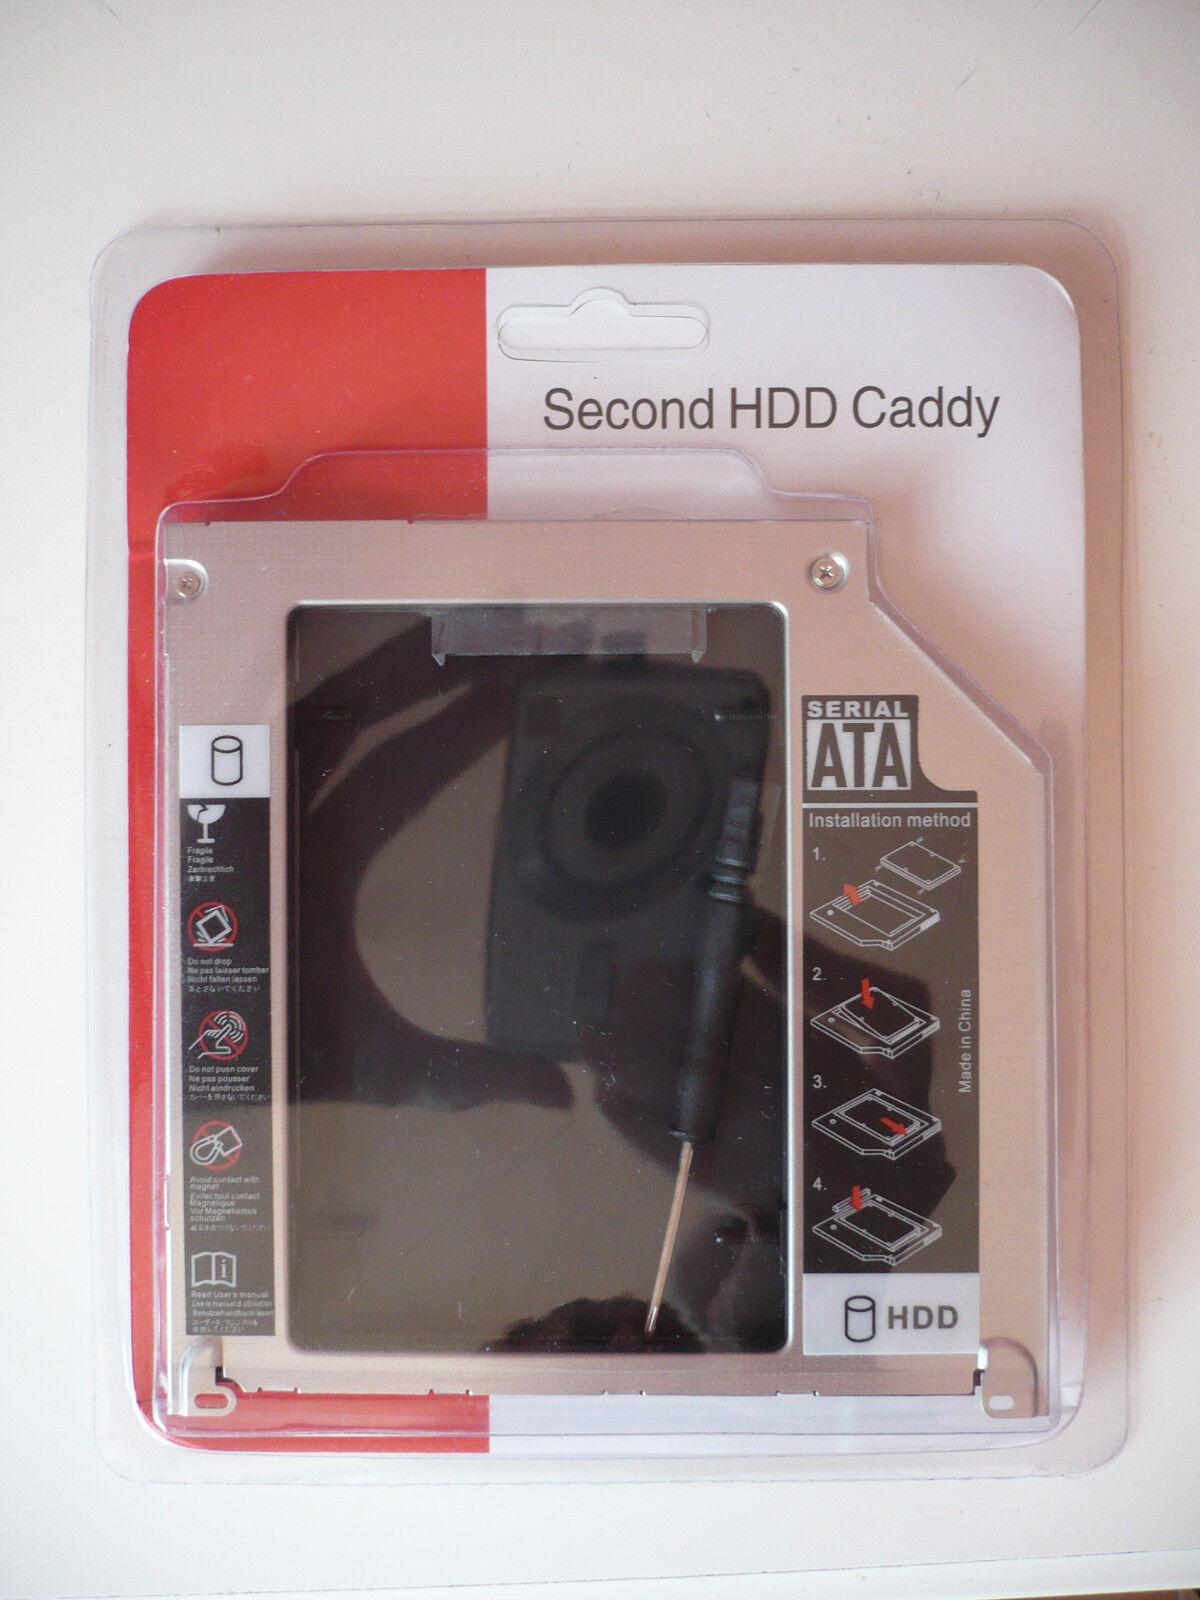 2.5 POLLICI SECOND HDD CADDY PER APPLE MACBOOK - DA SATA A SATA